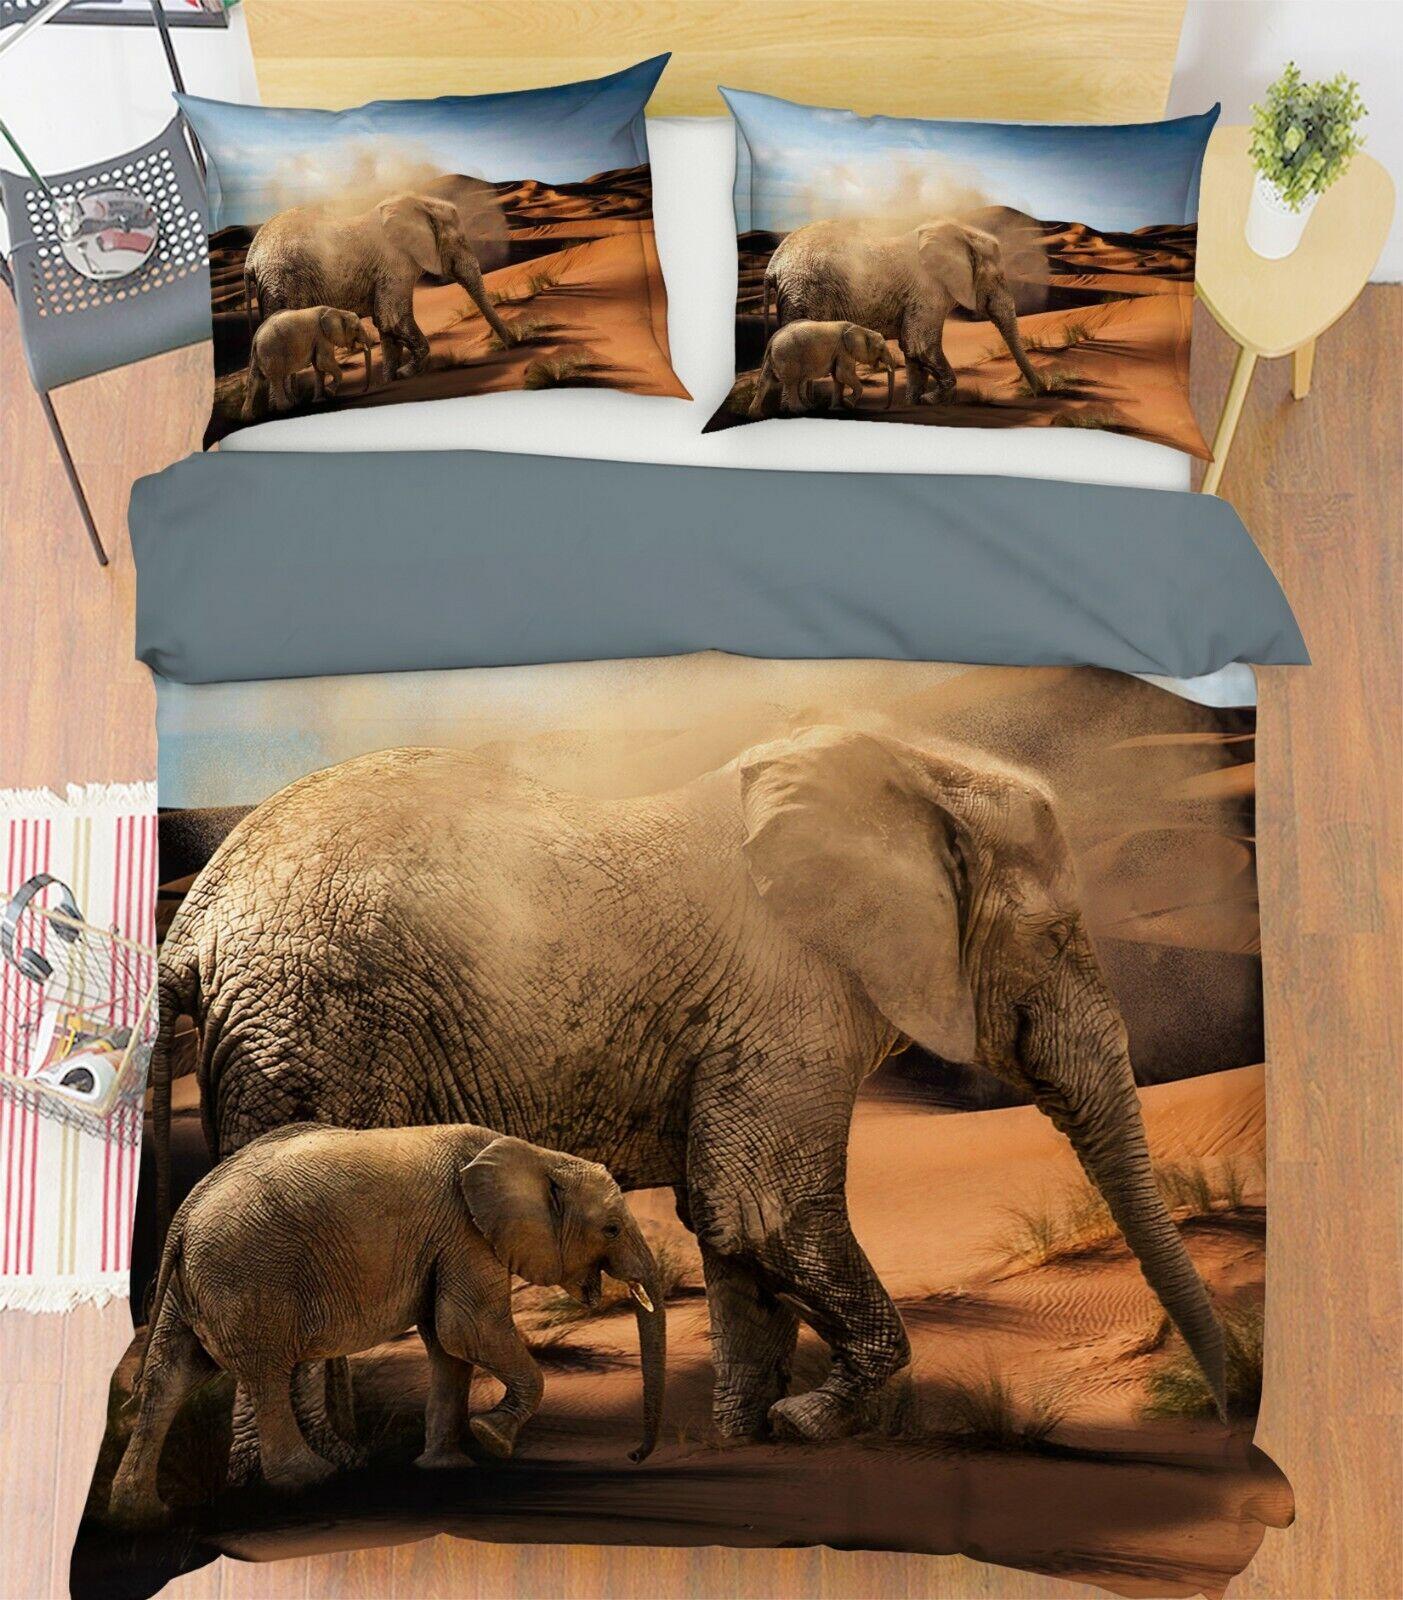 3D Elefanten Wiese M26 Tier Bett Kissenbezüge Decke Bettdecke Abdeckung Set An